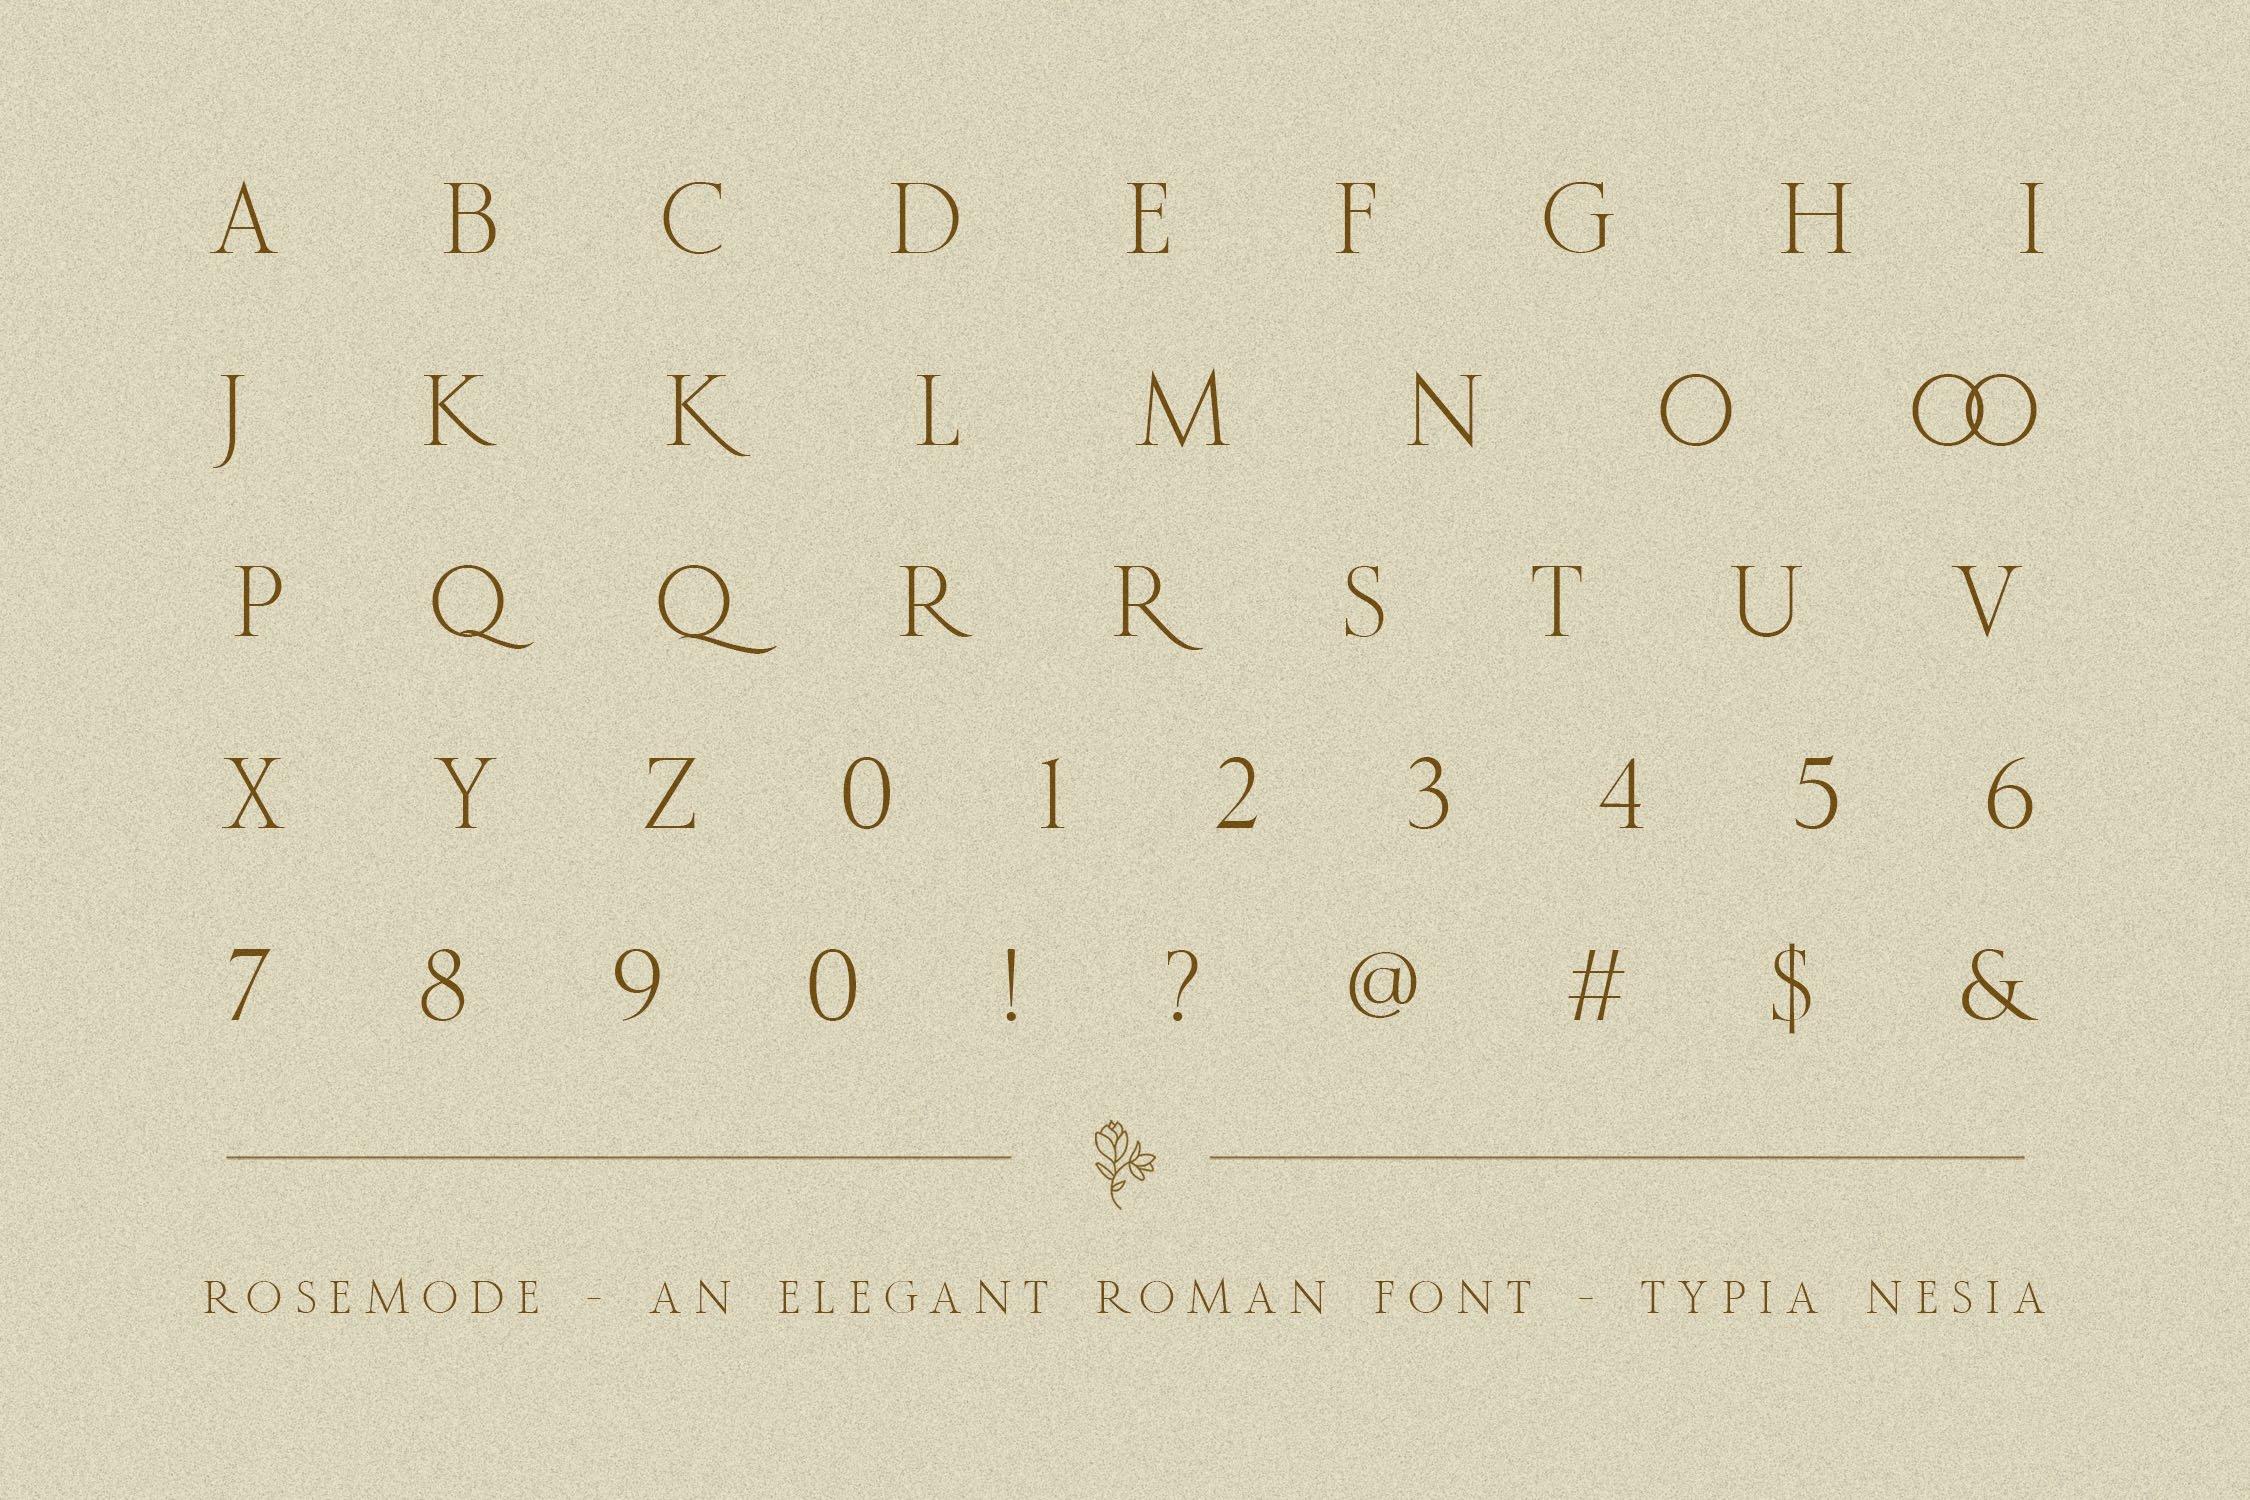 优雅经典杂志海报标题Logo设计衬线英文字体素材 Rosemode Font插图13